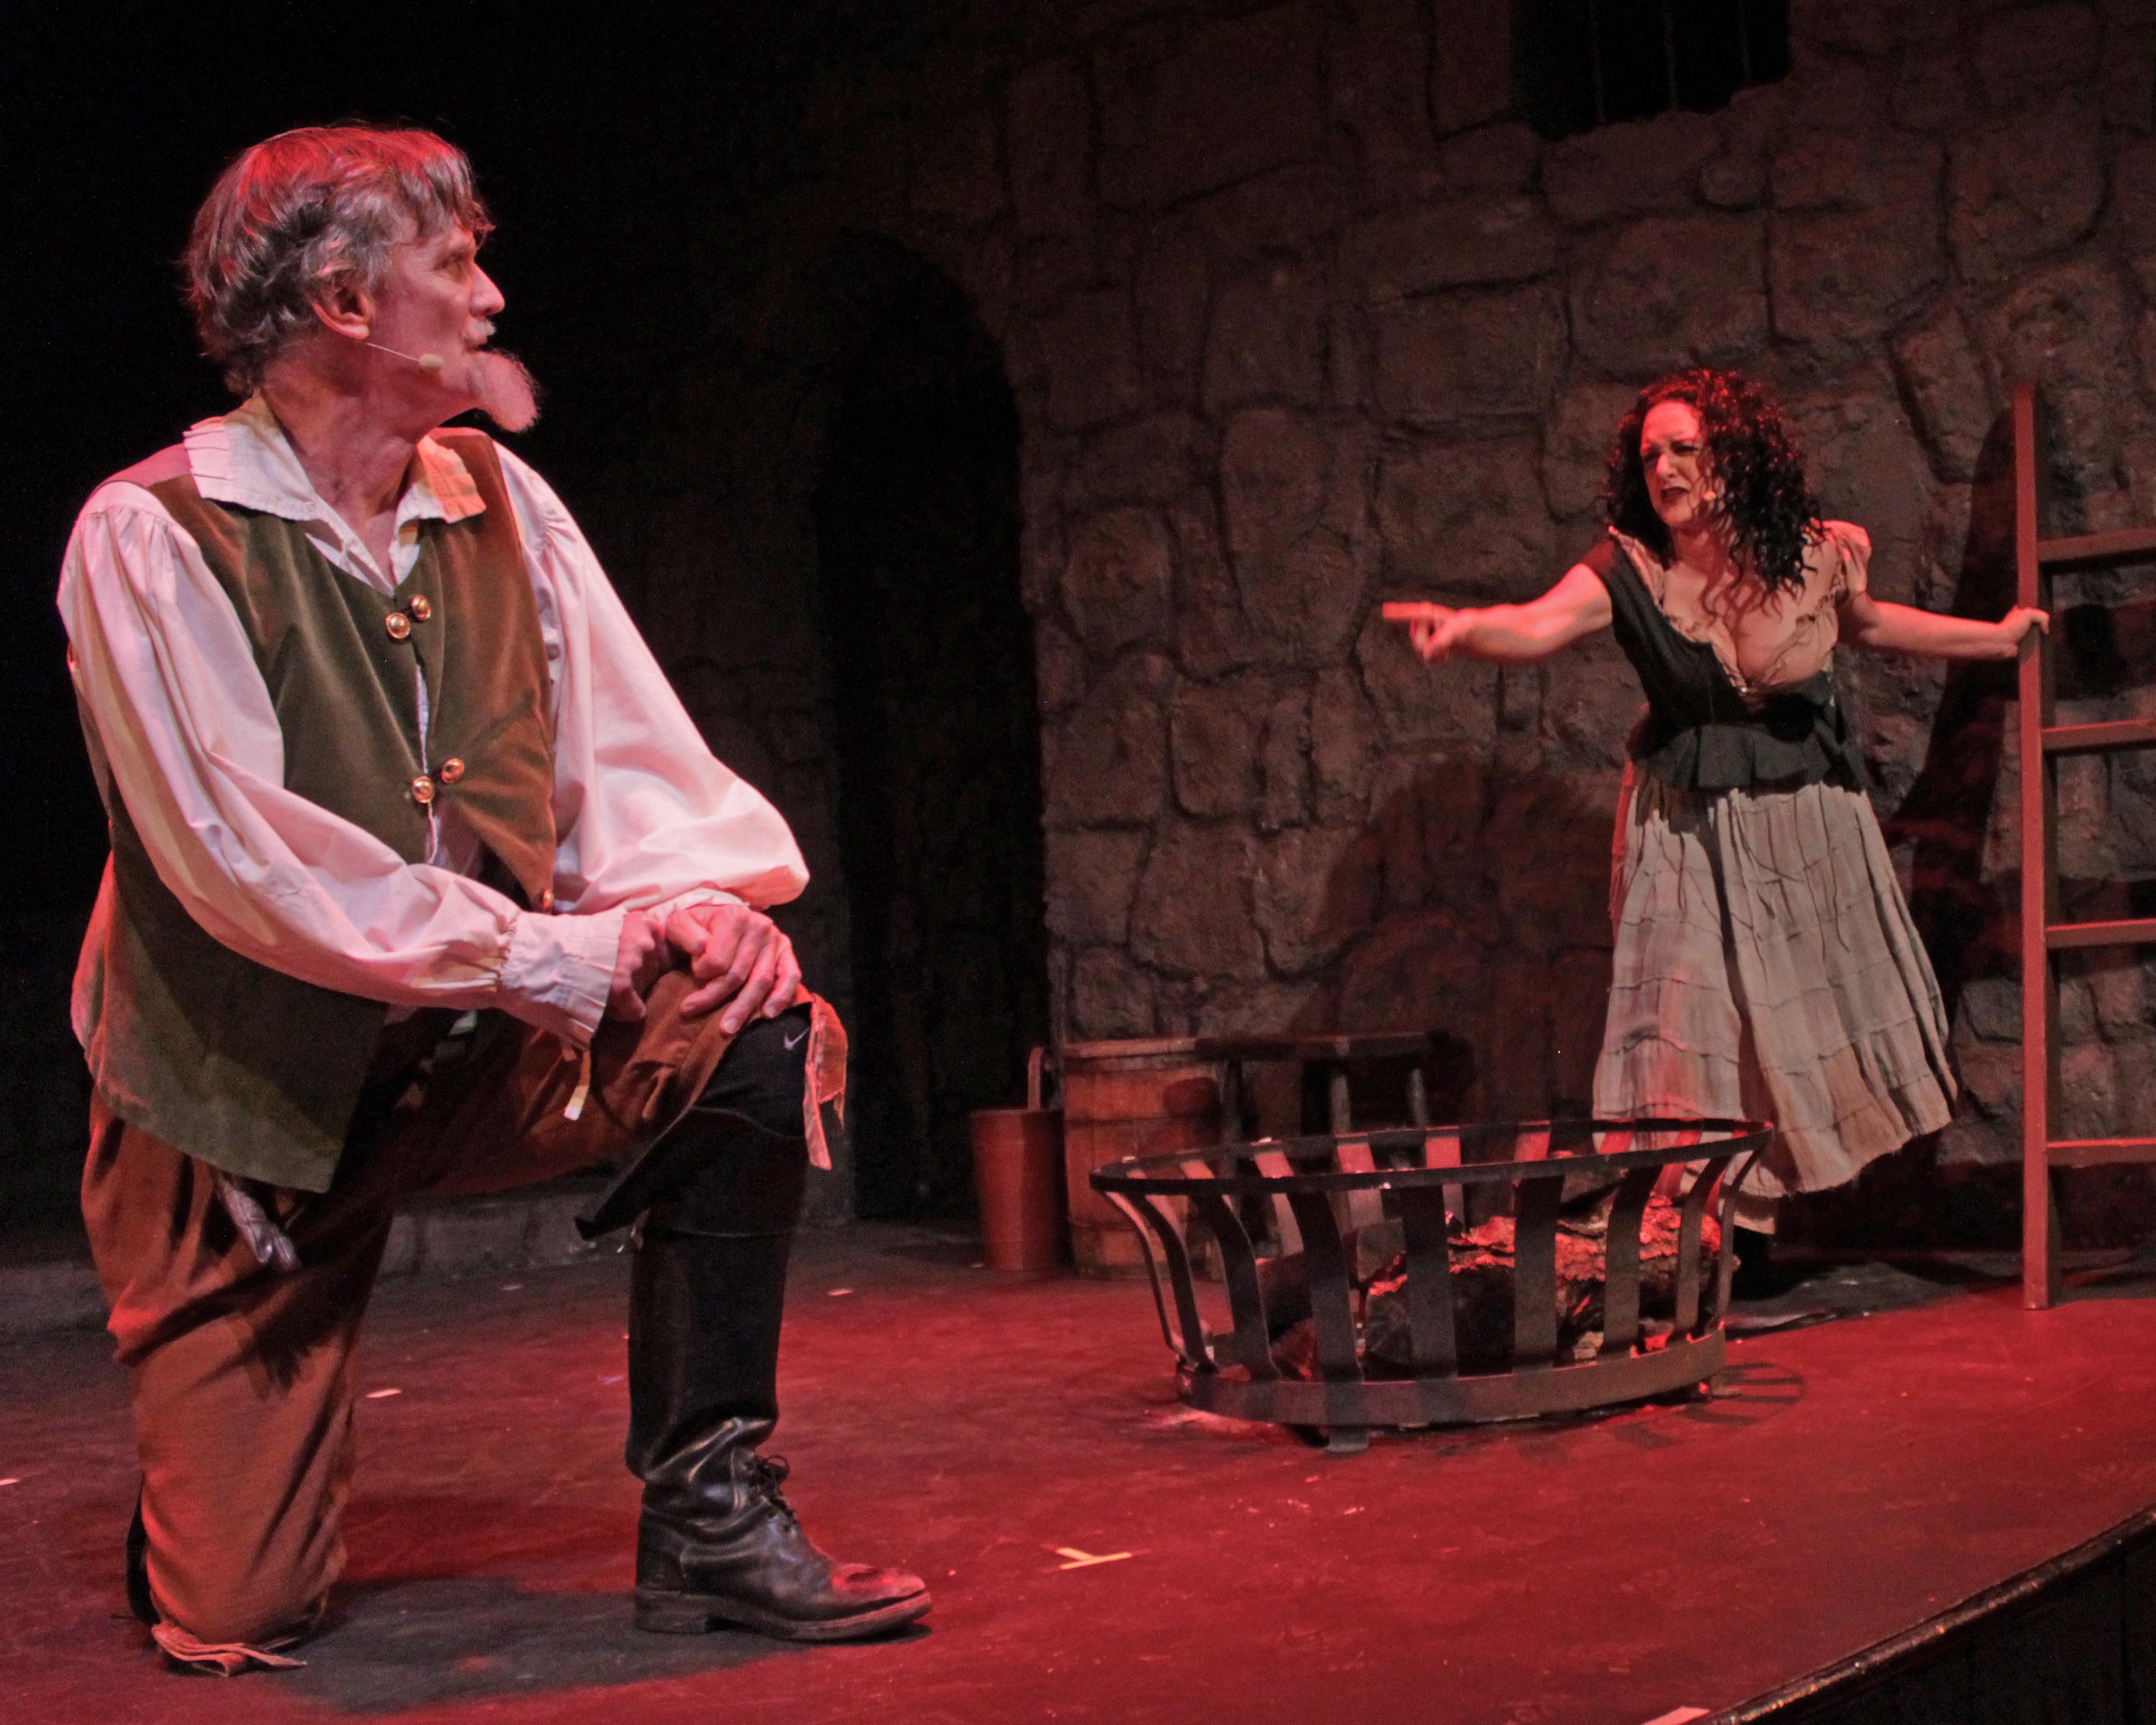 Elora Von Rosch in Man of La Mancha